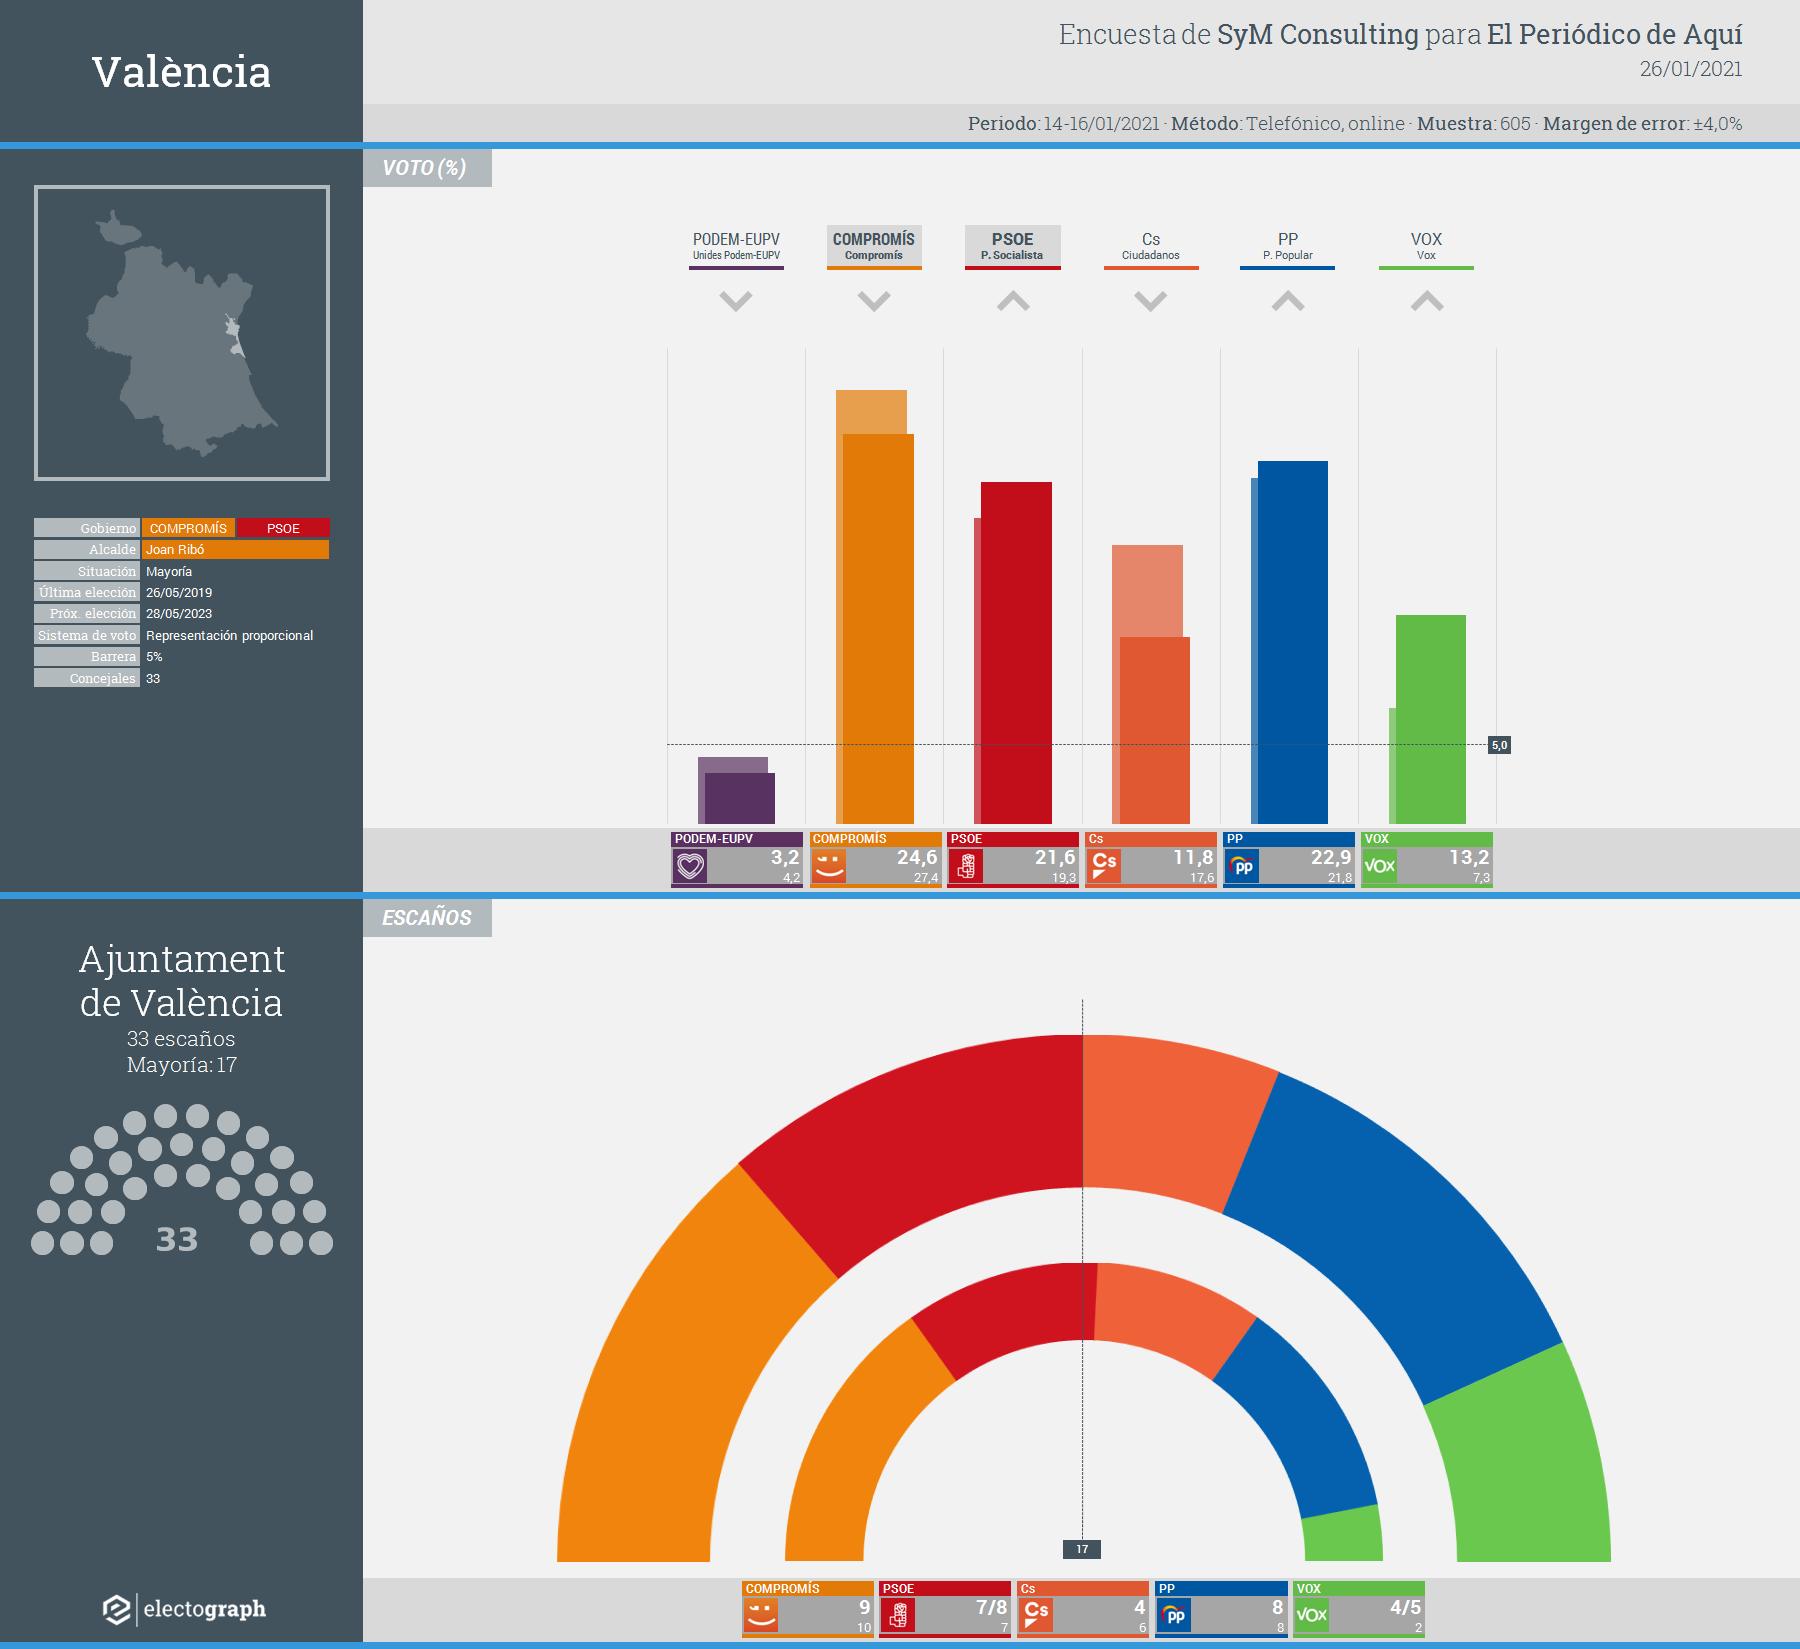 Gráfico de la encuesta para elecciones municipales en València realizada por SyM Consulting para El Periódico de Aquí, 26 de enero de 2021